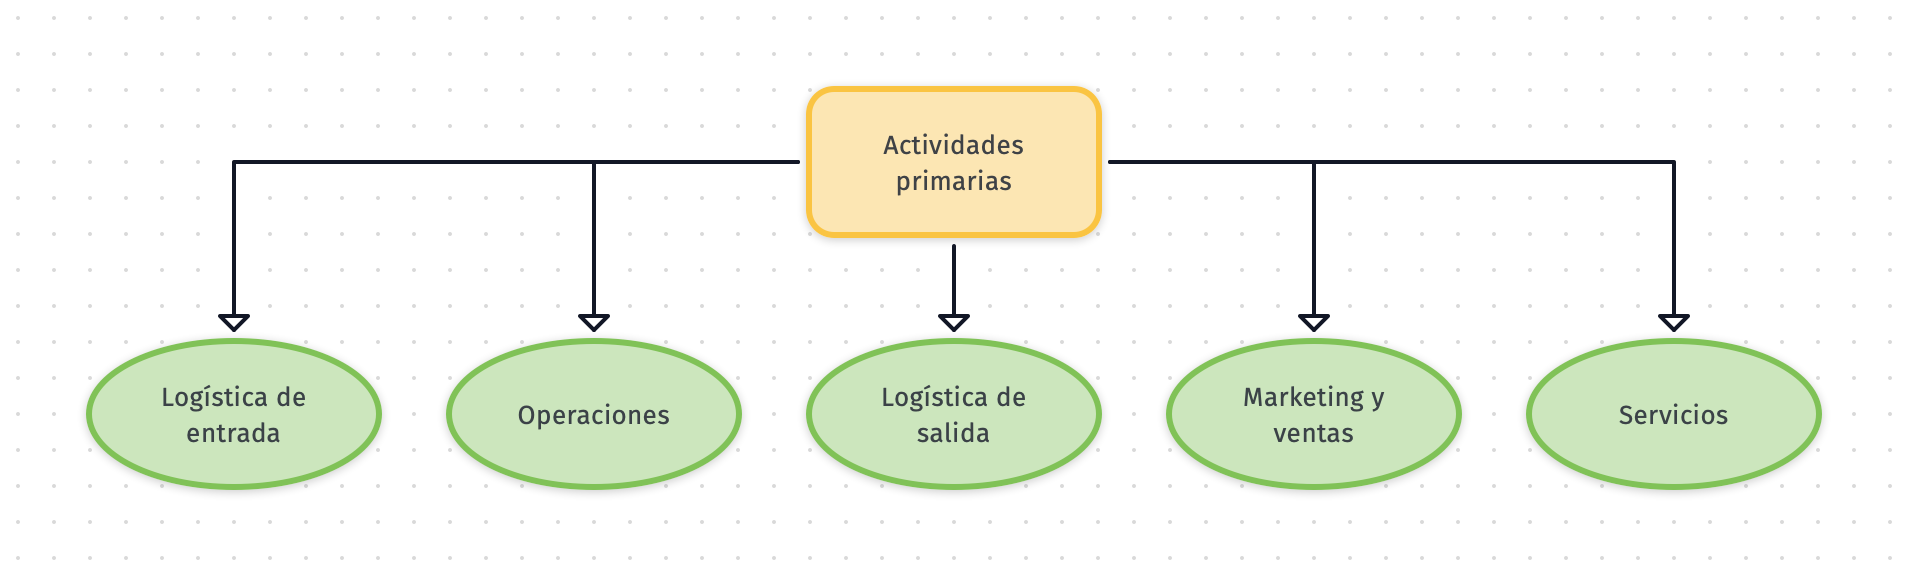 actividades primarias cadena de valor de mantenimiento